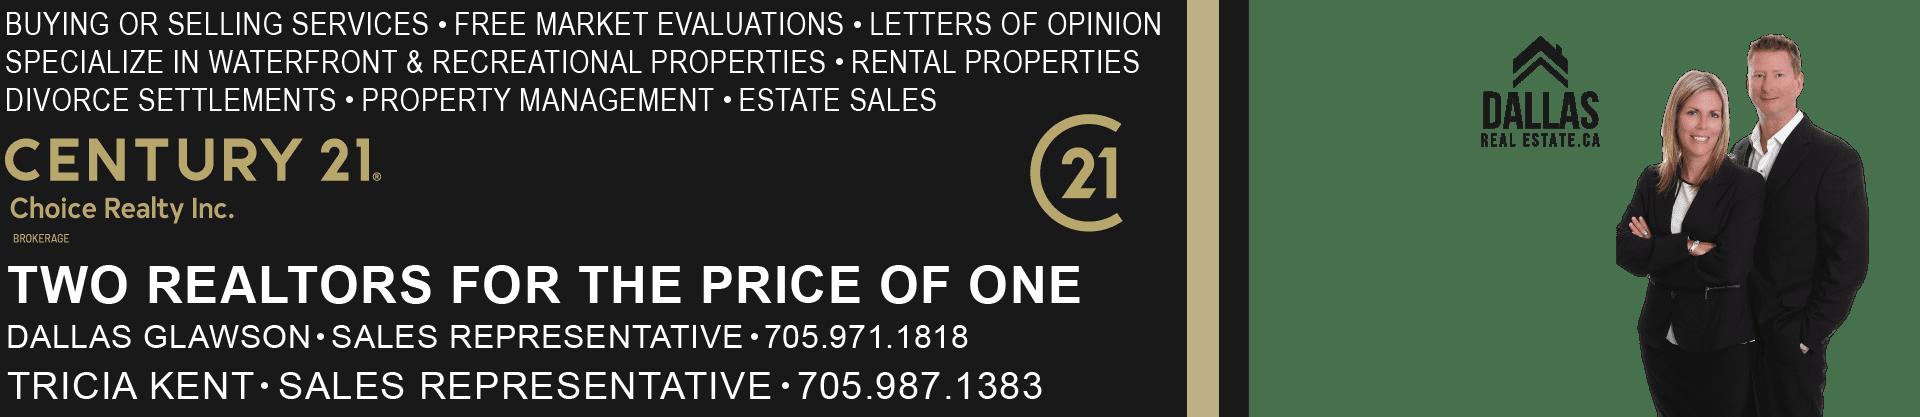 Dallas Glawson & Tricia Kent - Sales Representative